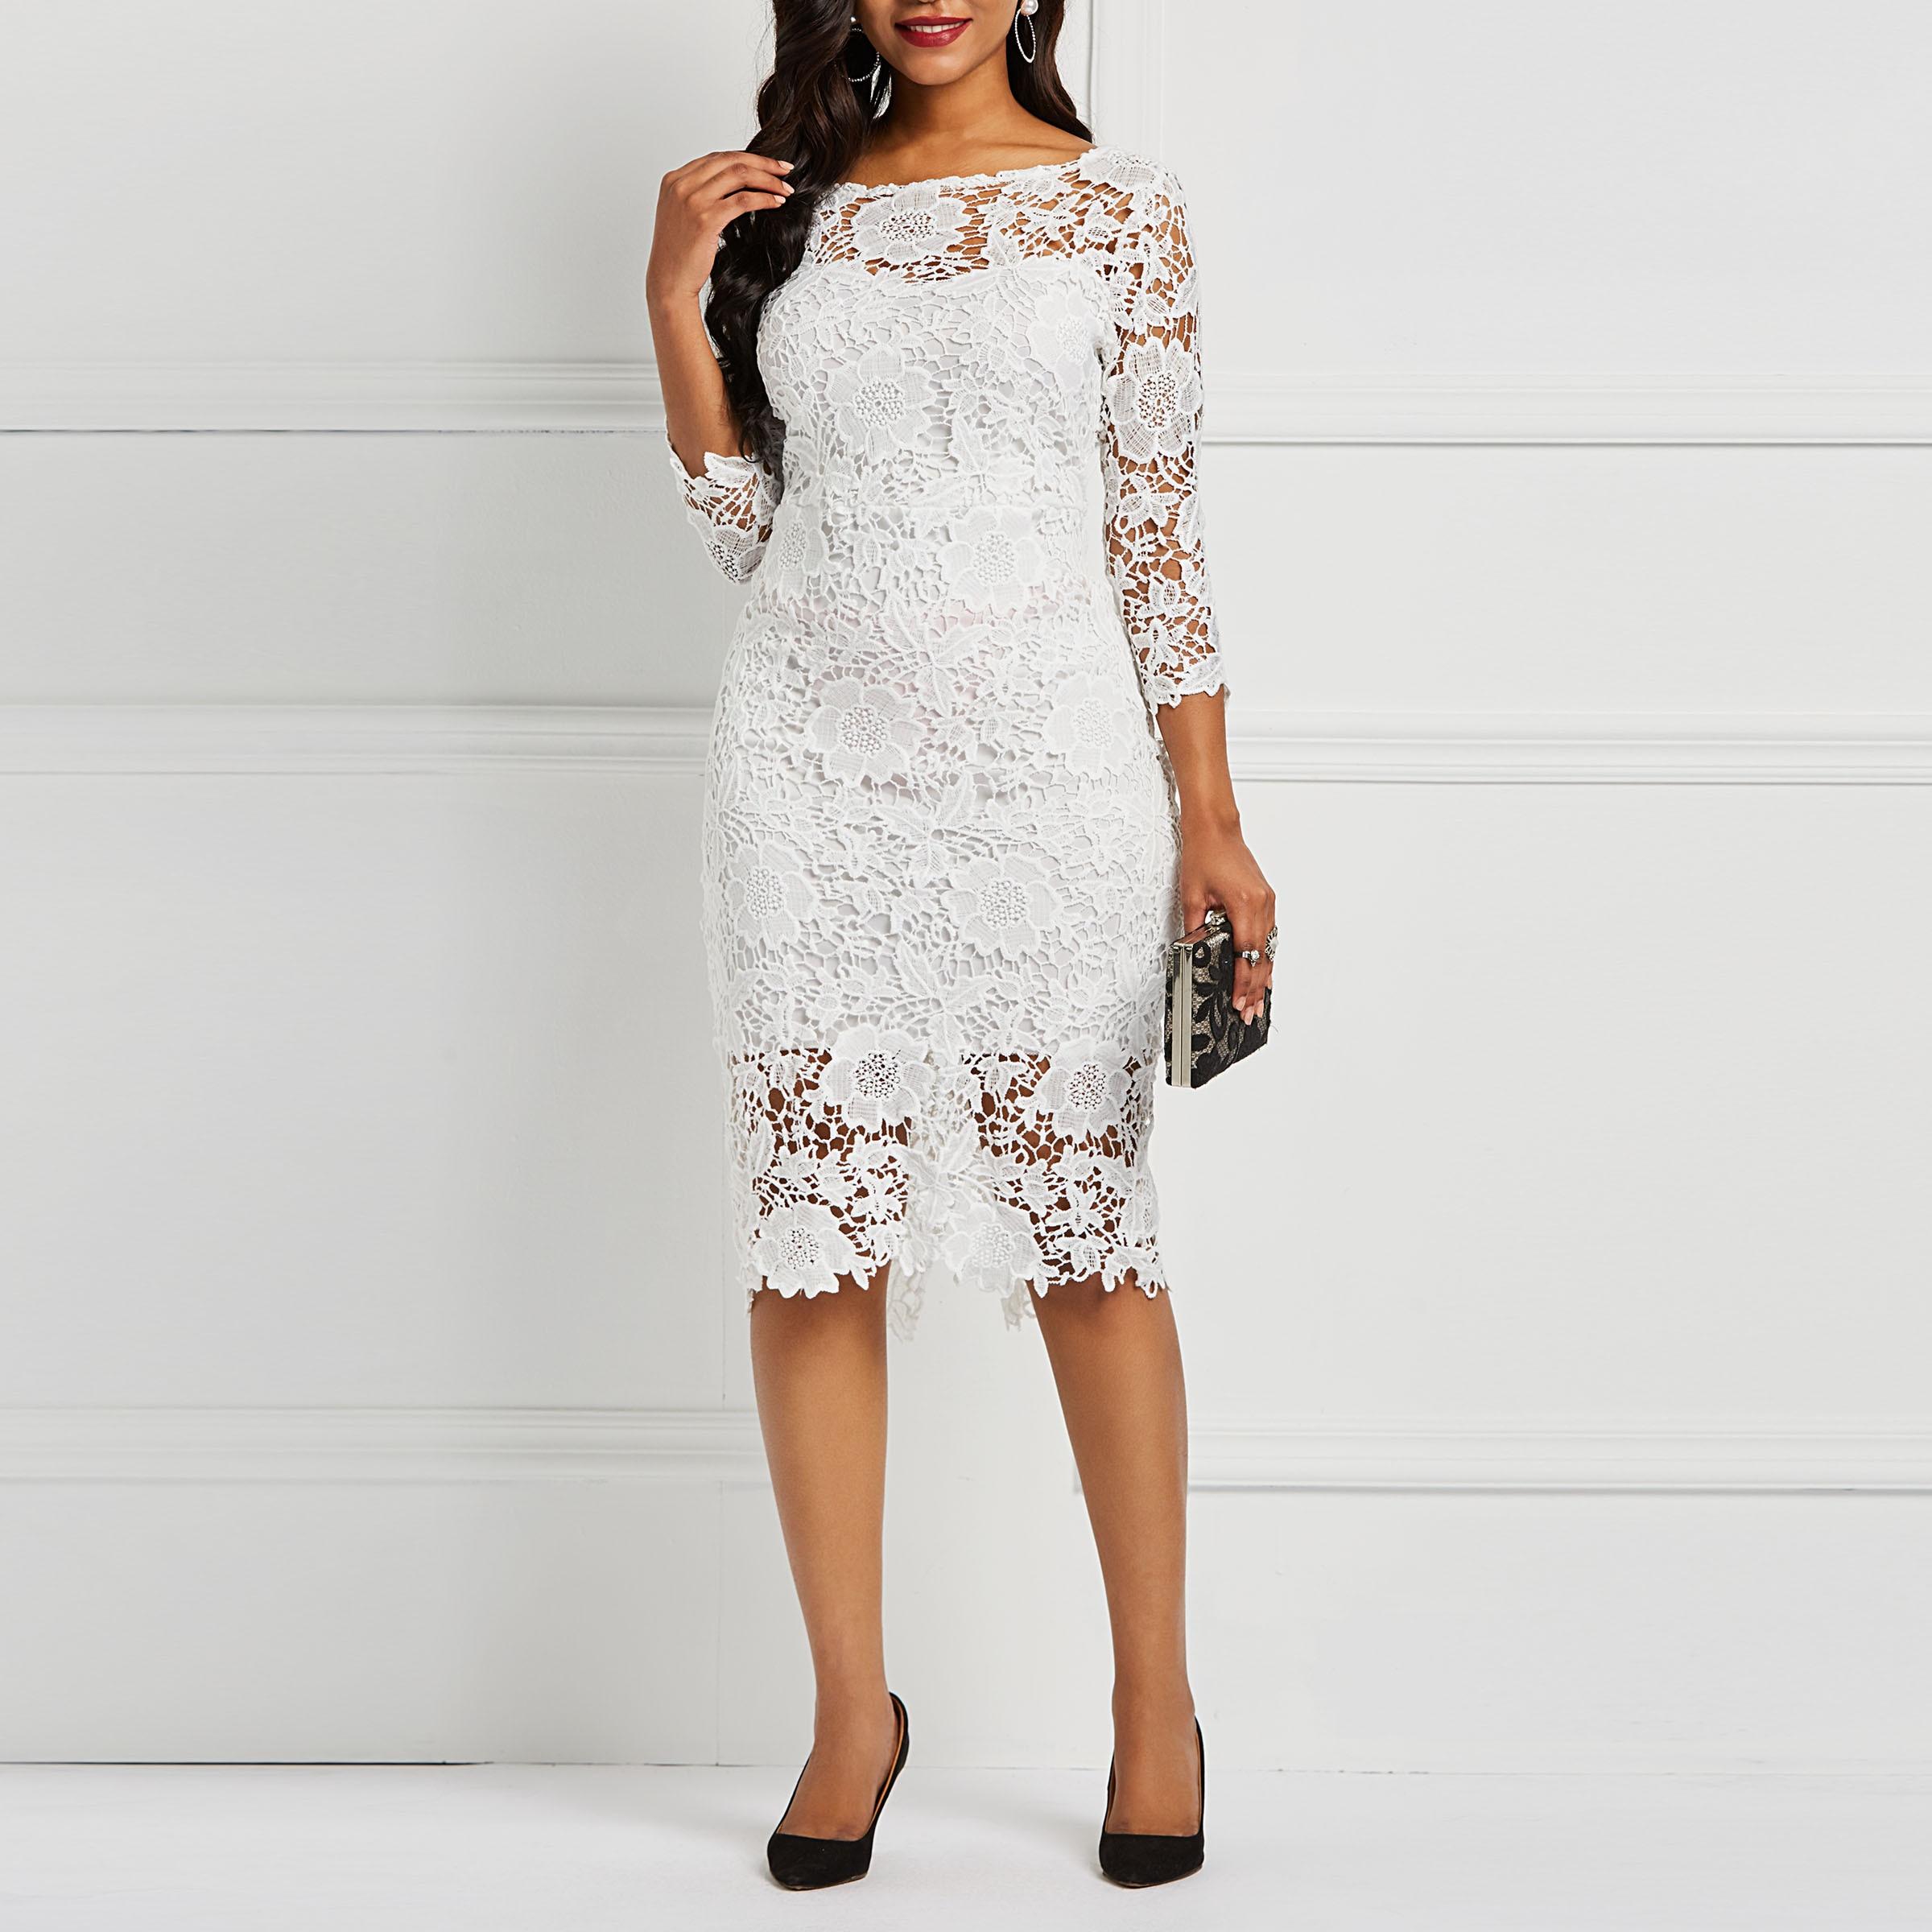 Vestido midi feminino, vestido midi elegante branco